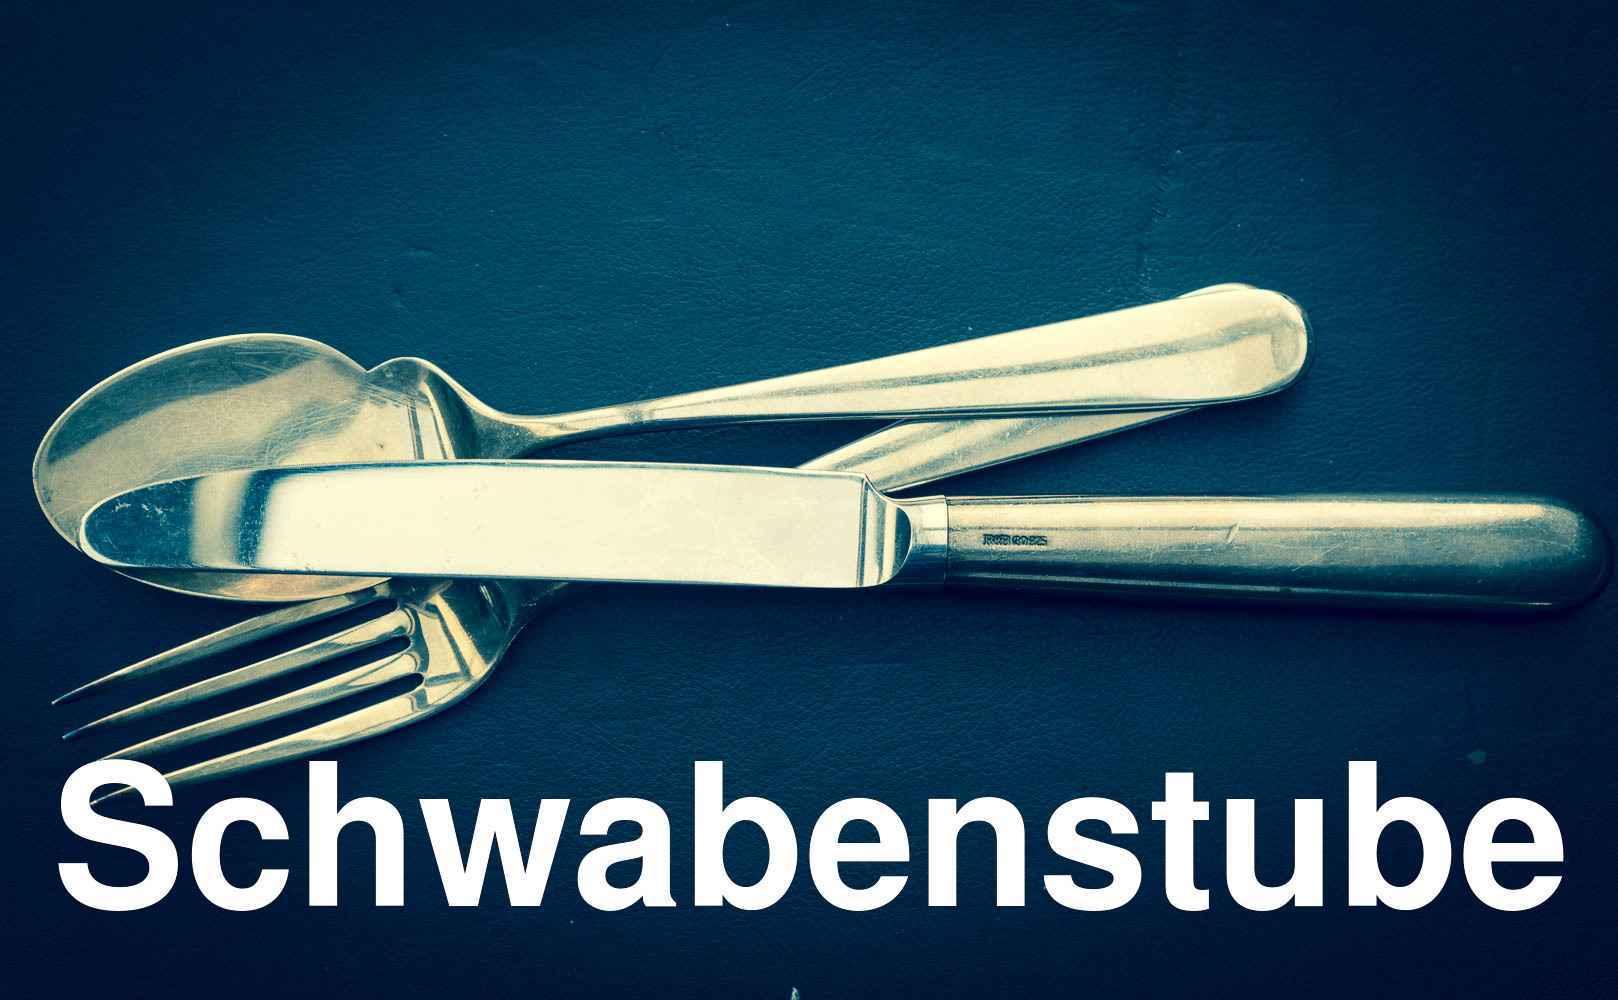 Restaurantkritik: Schwabenstube in Asperg, Deutschland,